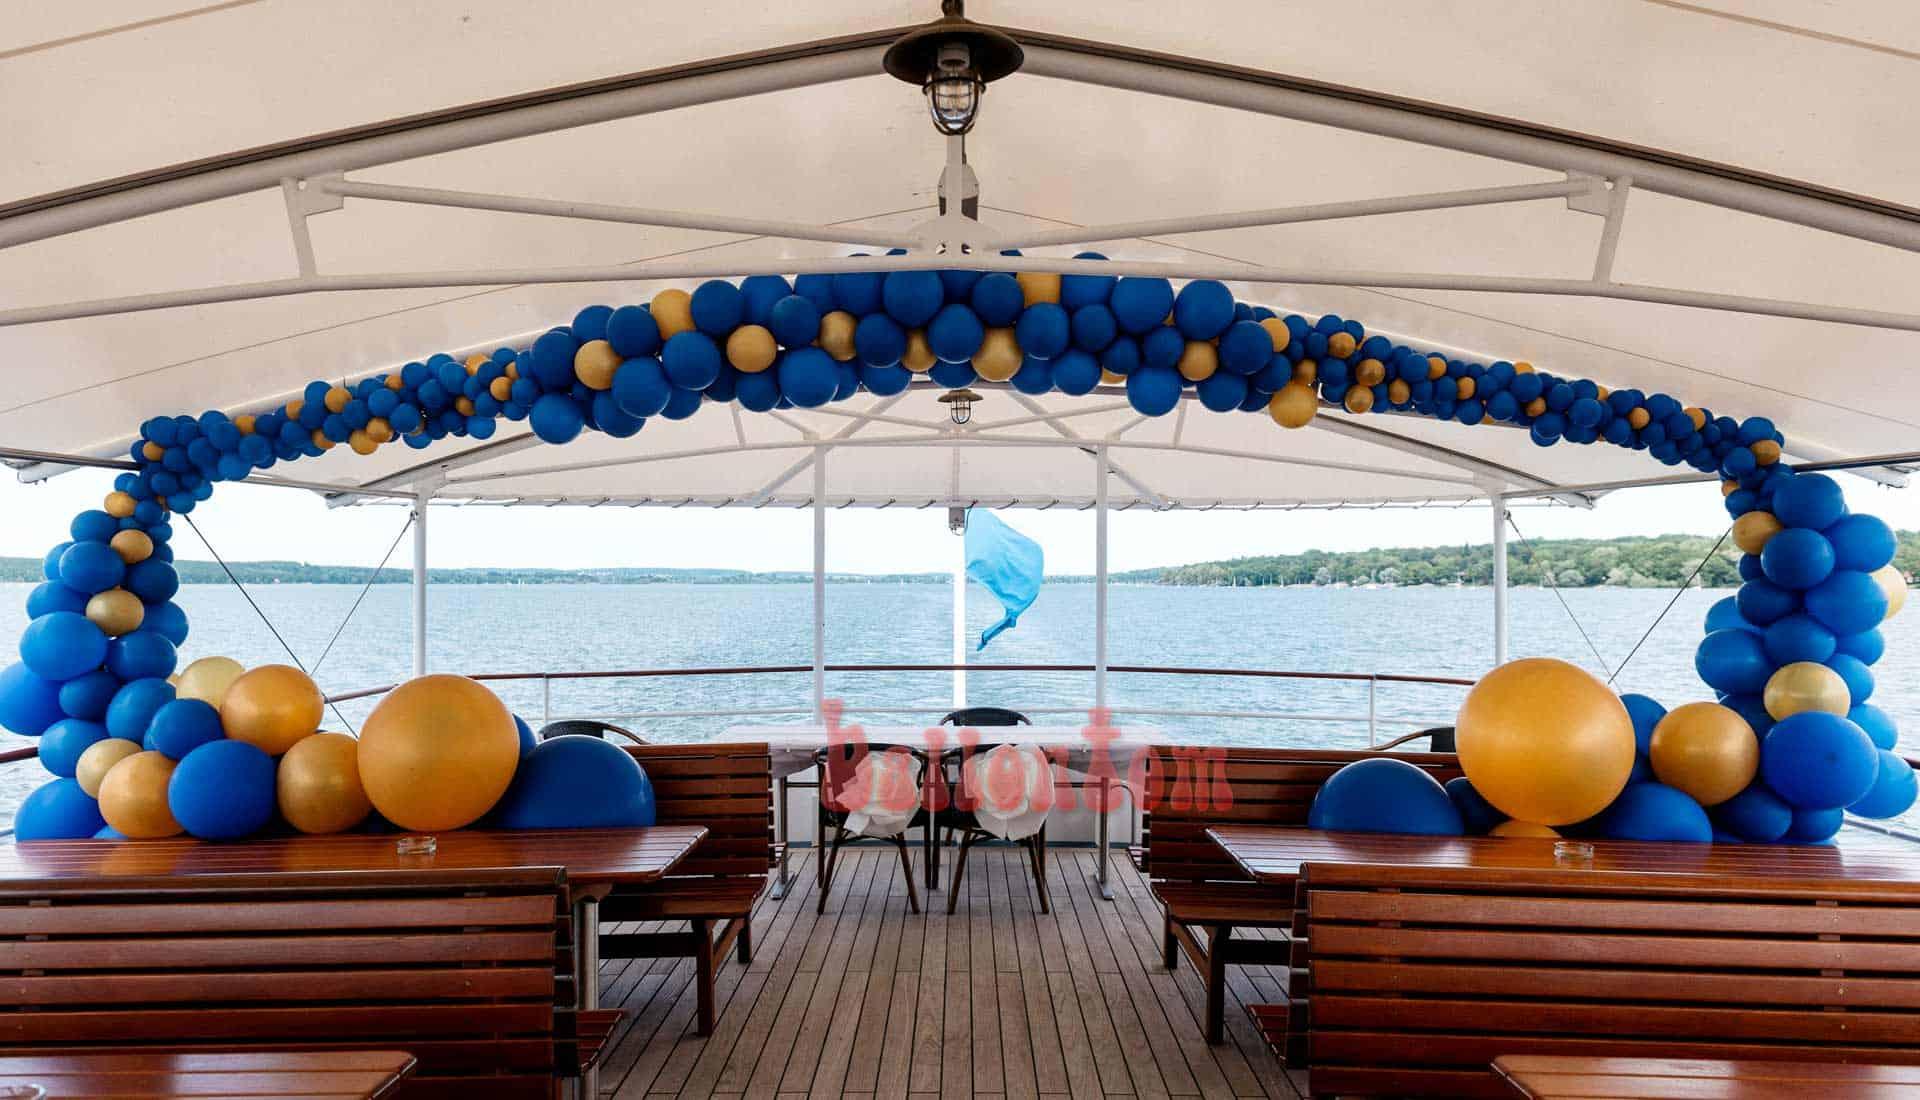 Hochzeitsdekoration mit Ballons auf dem Dampfer Dießen auf dem Ammersee